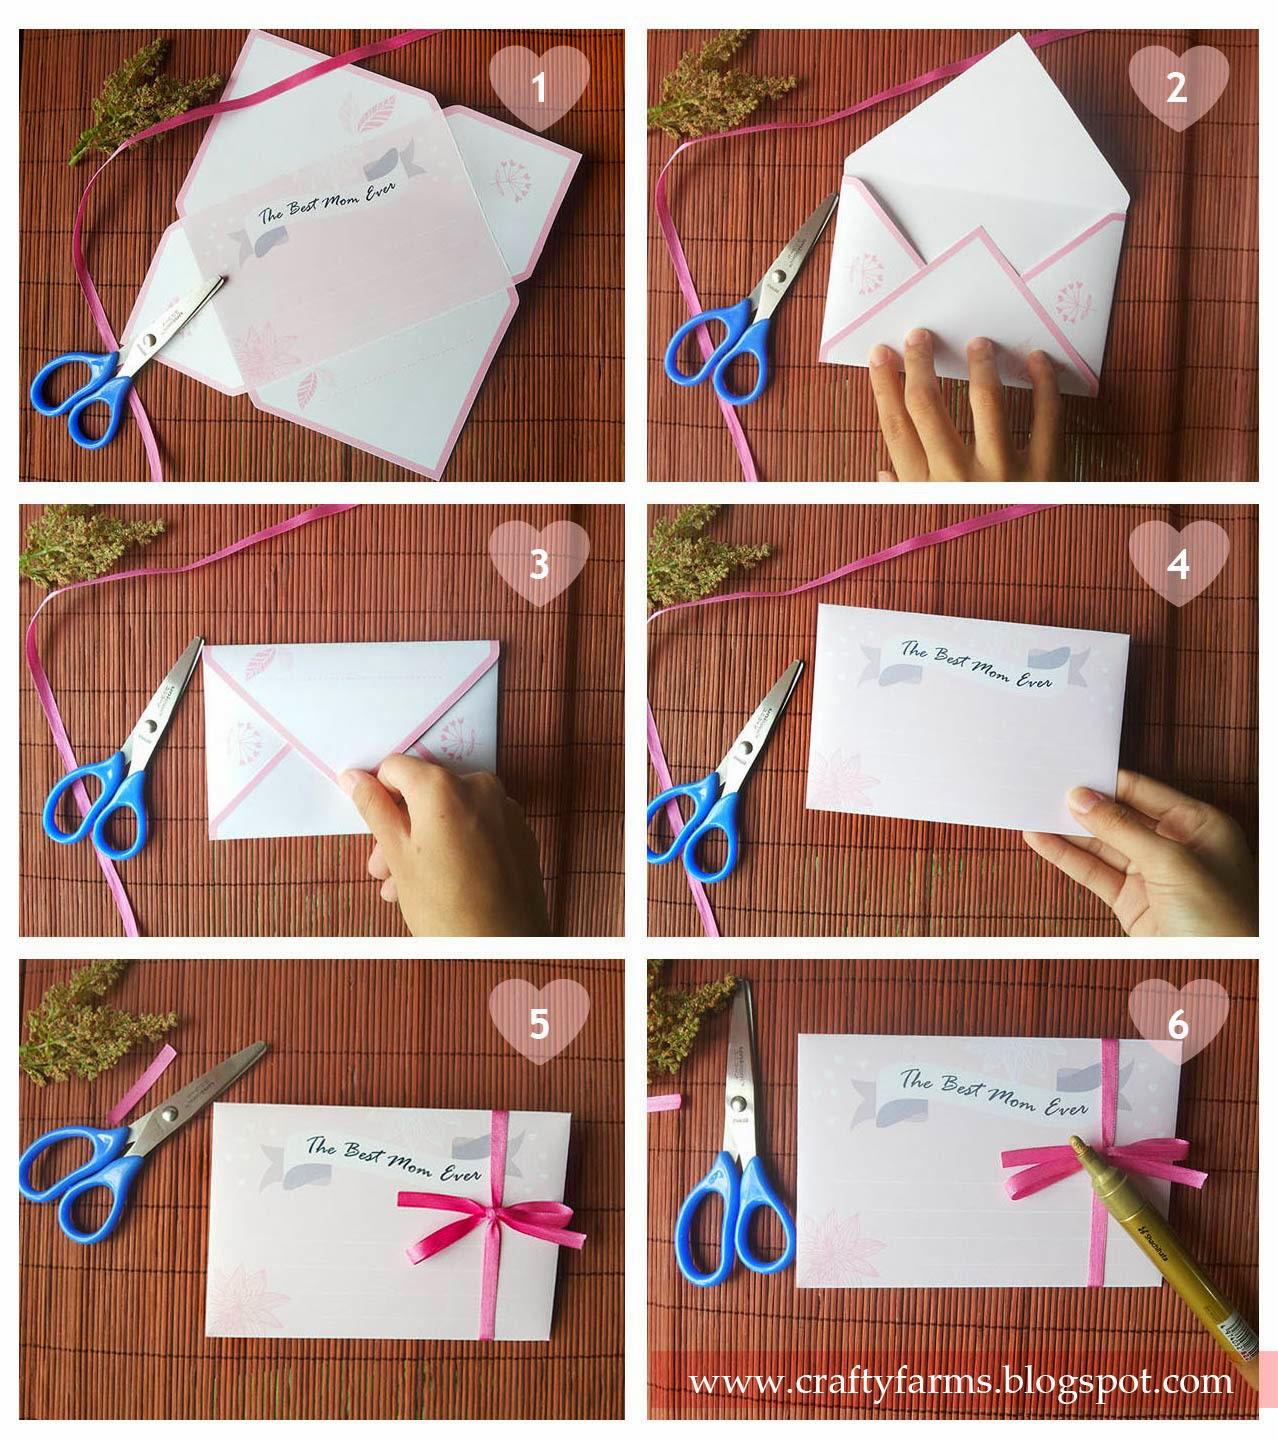 Diy Wedding Gift Malaysia : Wedding Card Malaysia Crafty Farms Handmade : Free Mothers Day Card ...